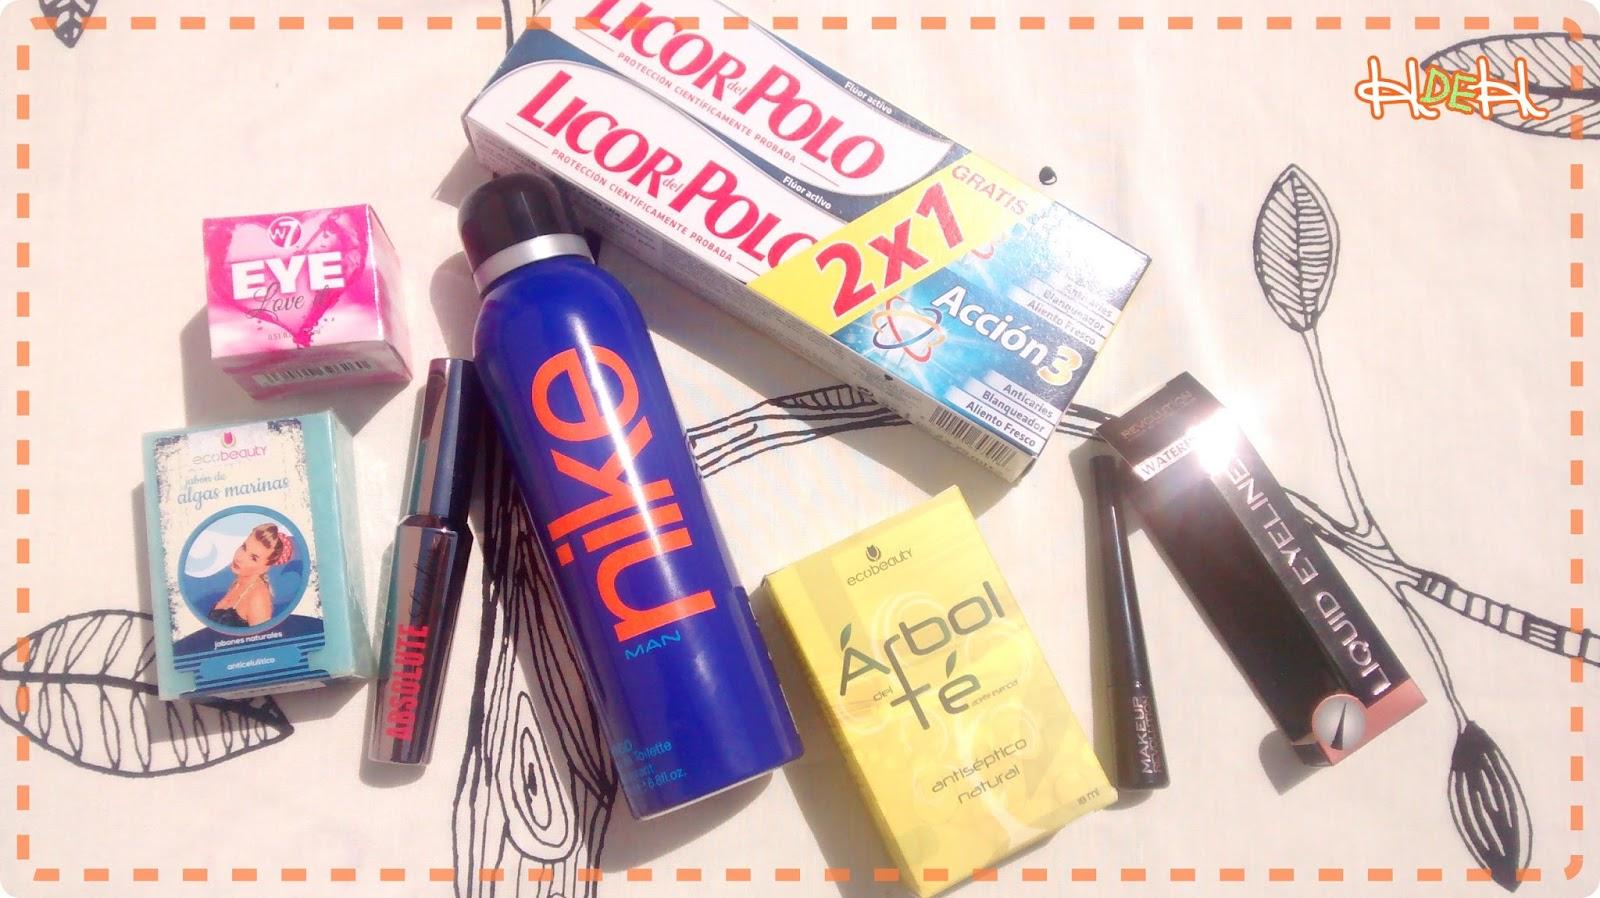 haul primor cosmetica maquillaje w7